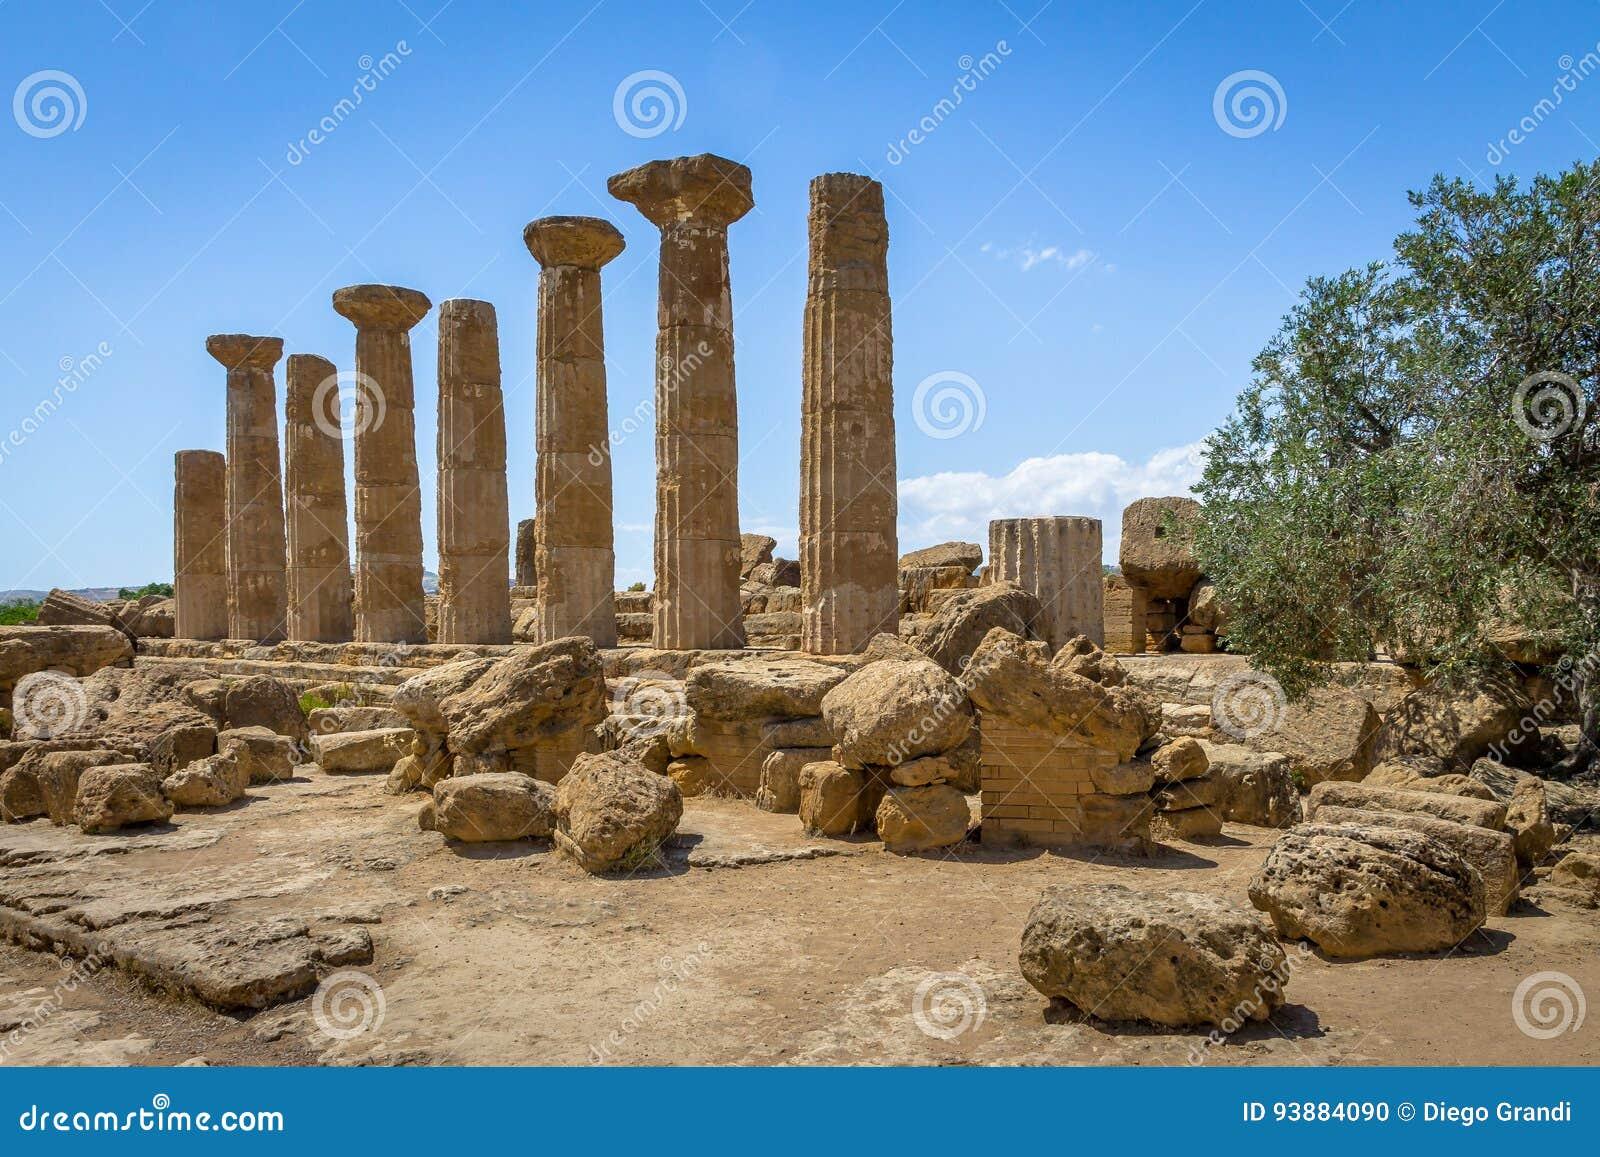 Tempel von Heracles-Dorianspalten im Tal von Tempeln - Agrigent, Sizilien, Italien